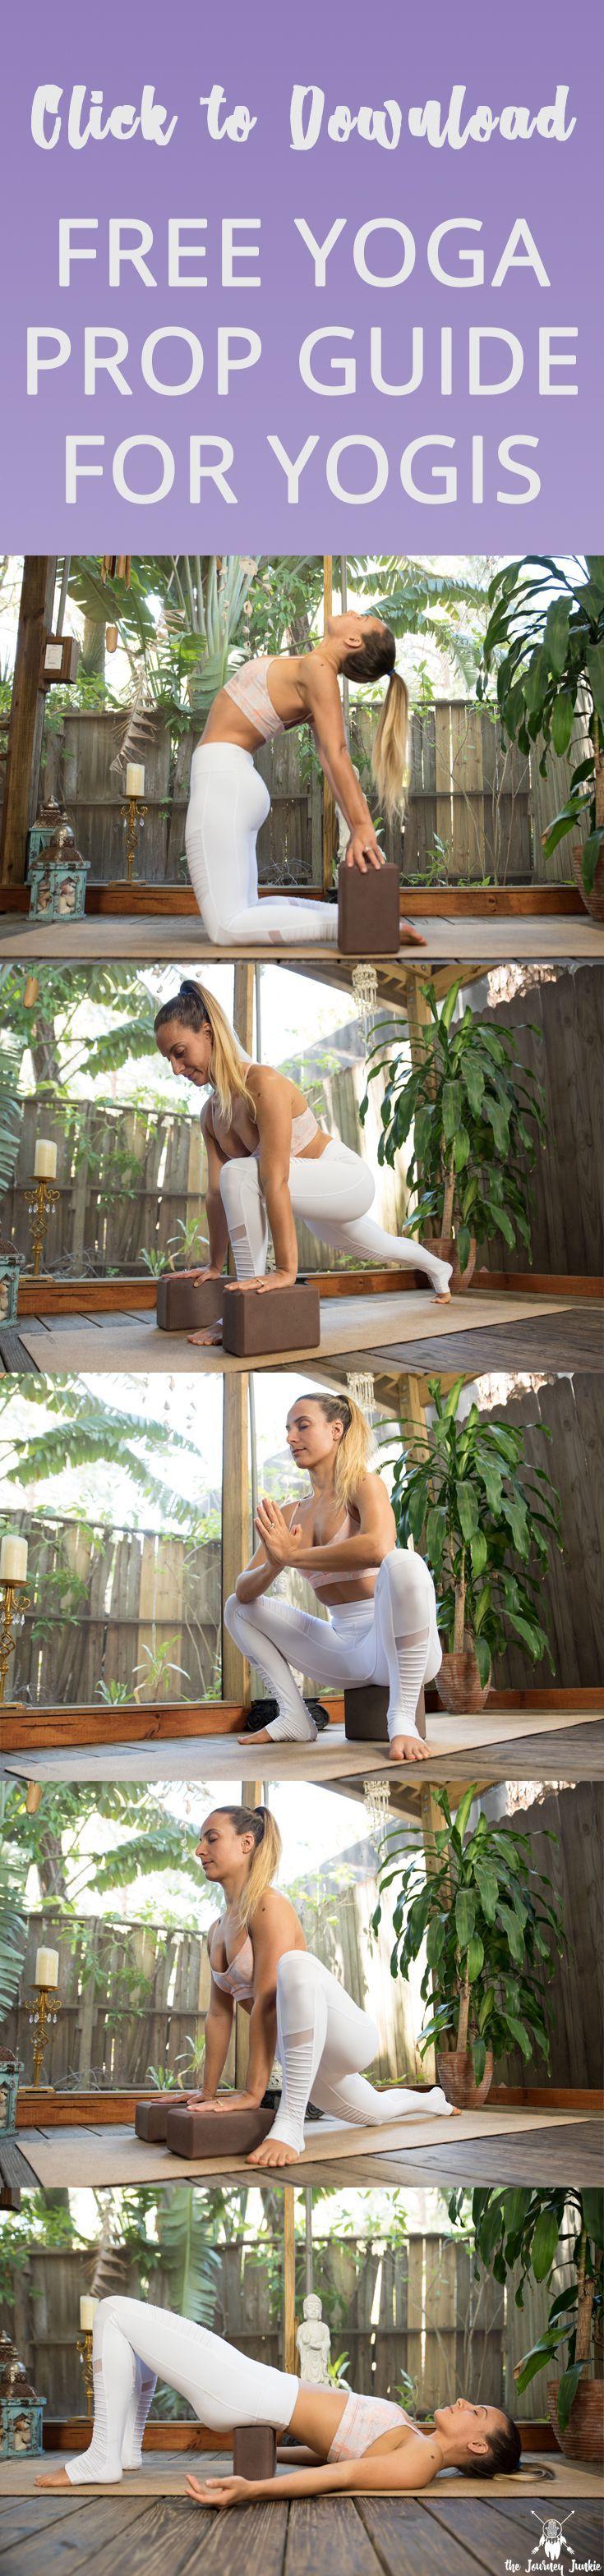 Naked kundalini yoga-1510